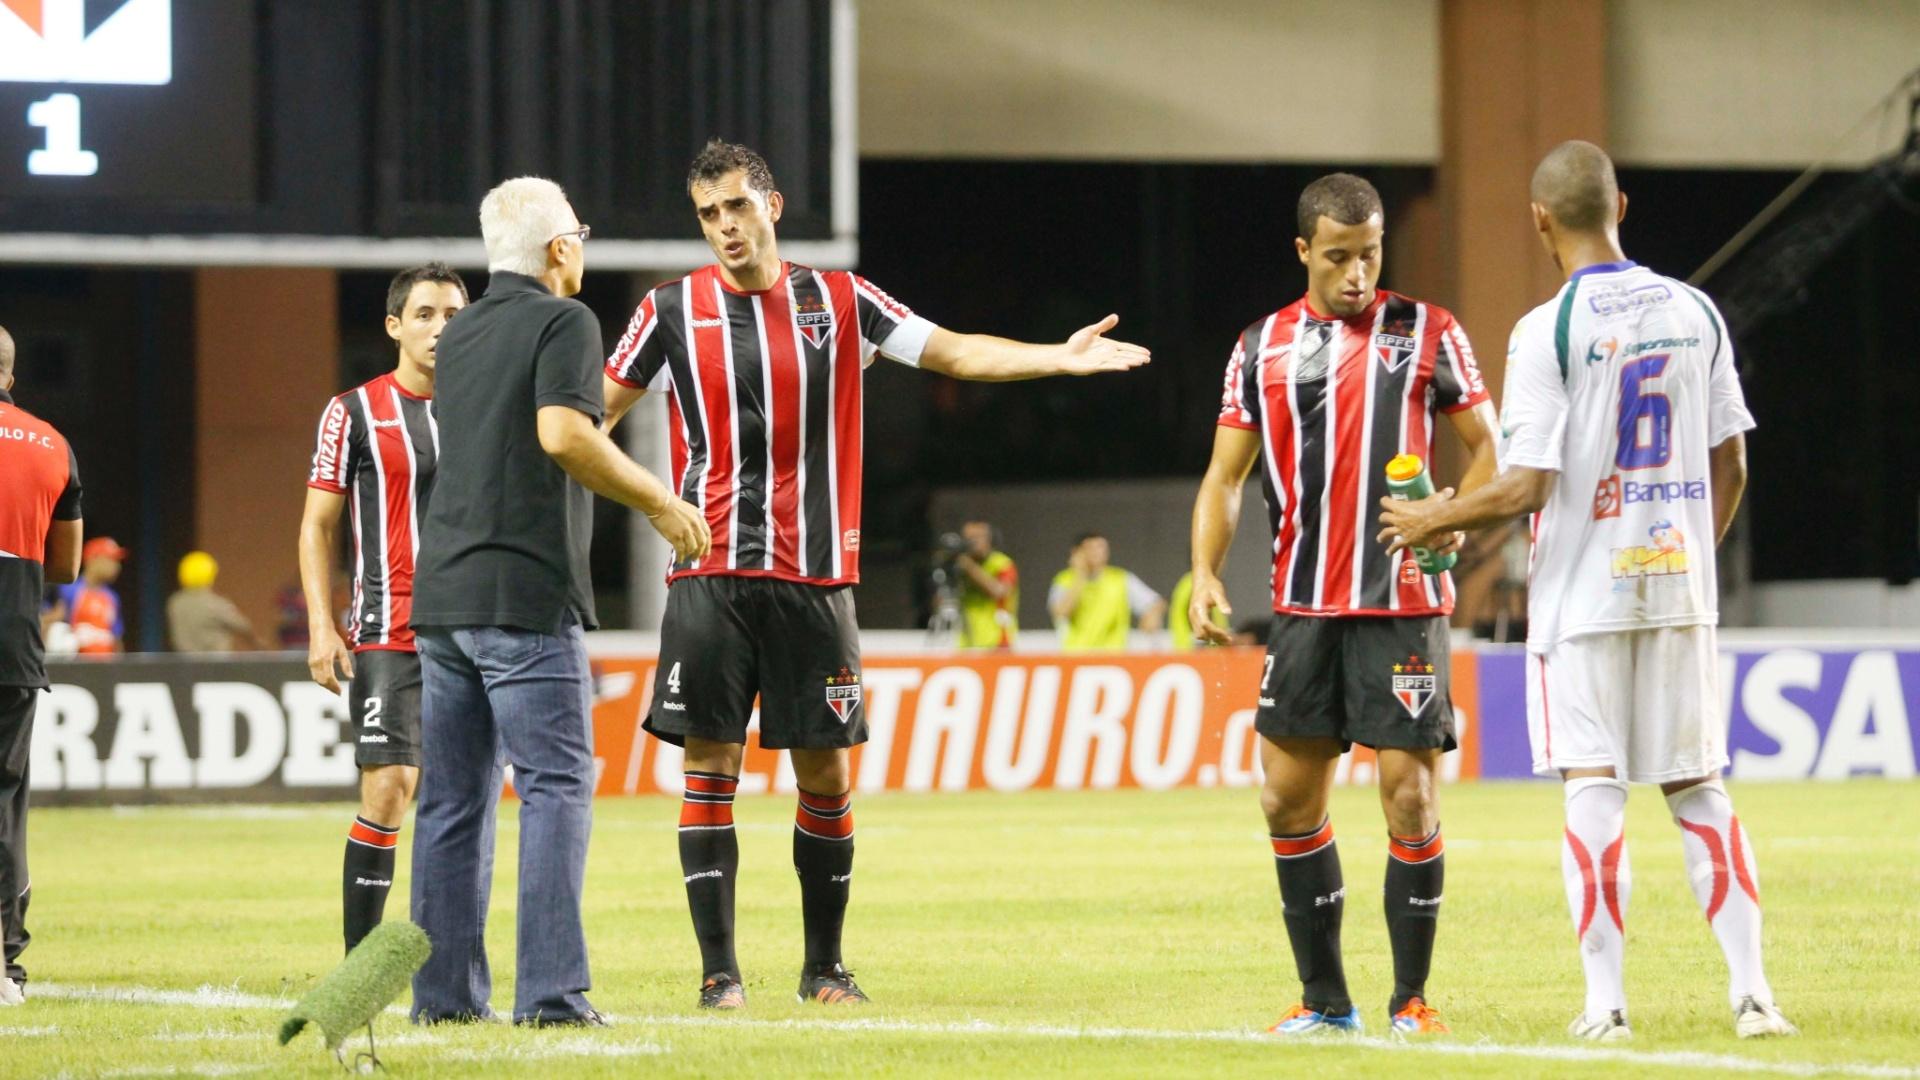 Rhodolfo gesticula com o técnico Leão durante a vitória por 1 a 0 do São Paulo sobre o Independente